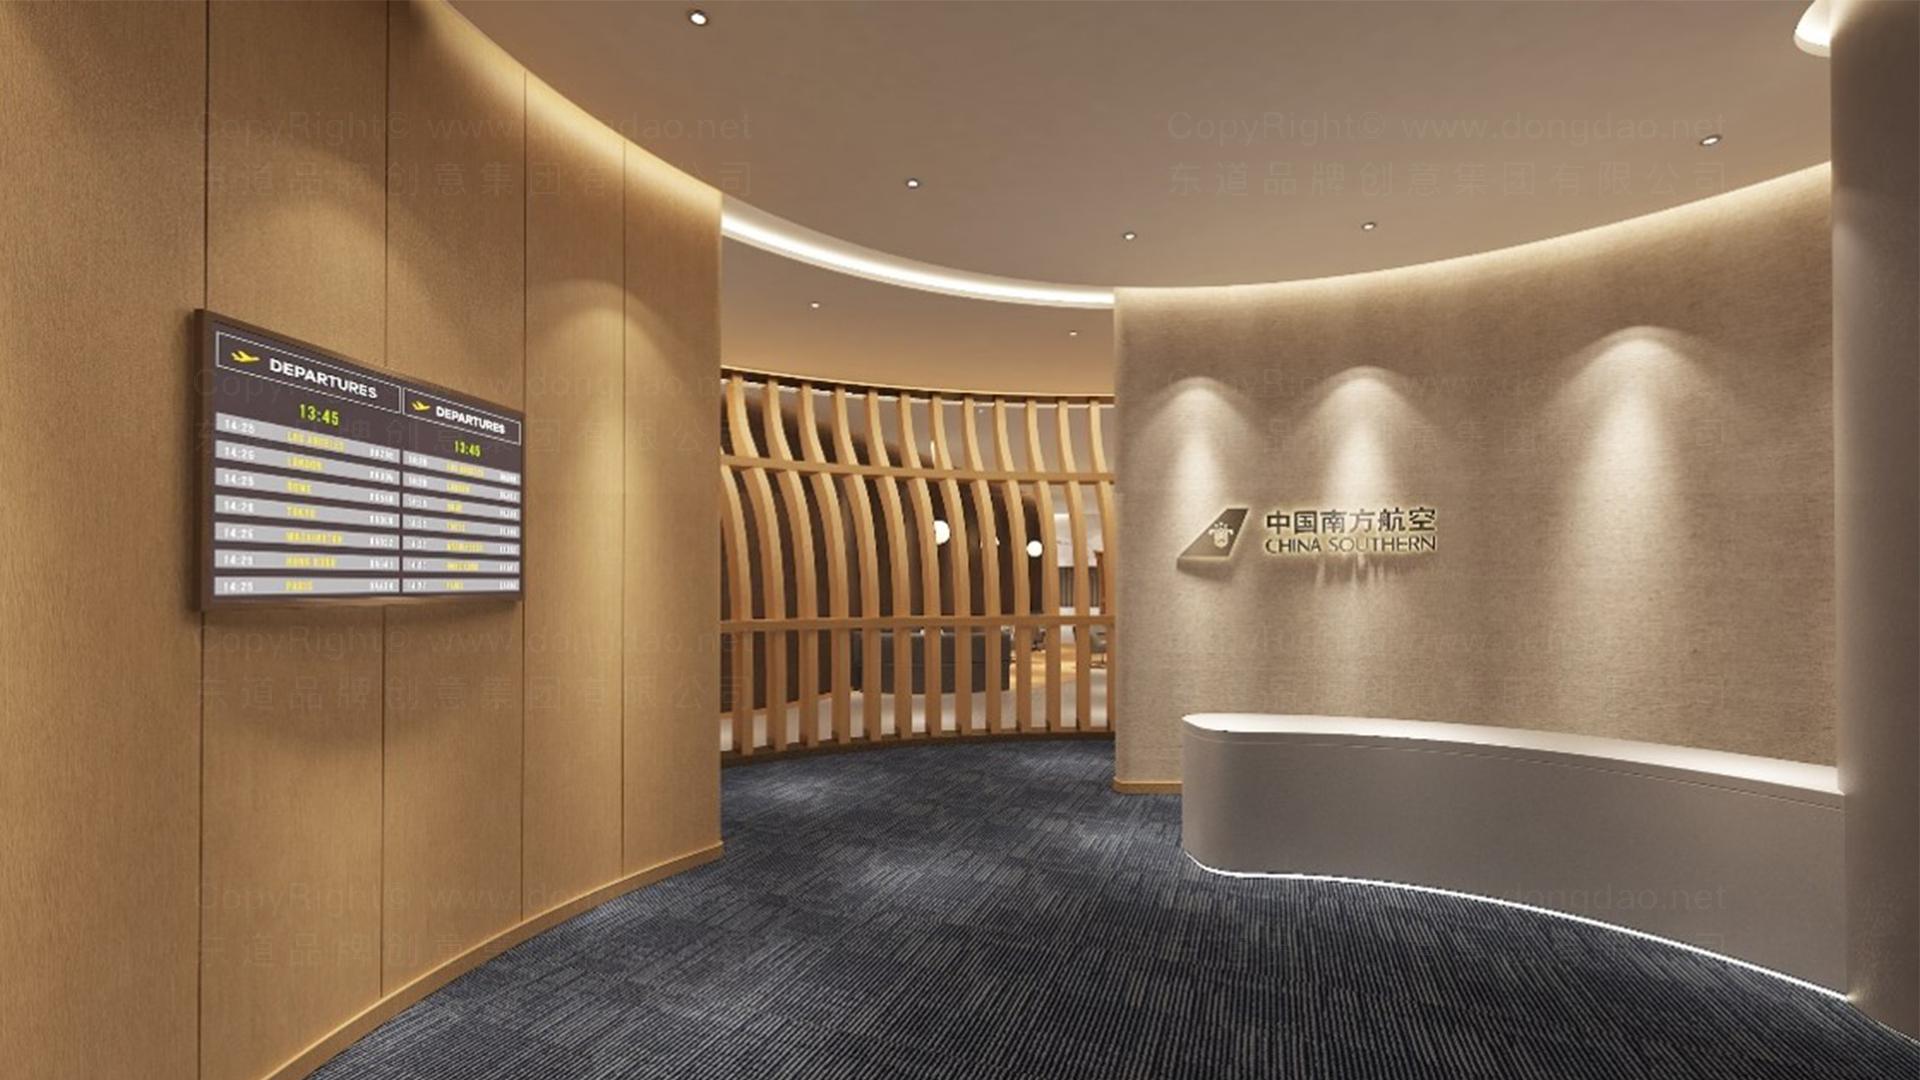 商业空间&导示南方航空南航上海浦东机场 S2 卫星听高端旅客休息室 SI应用场景_4